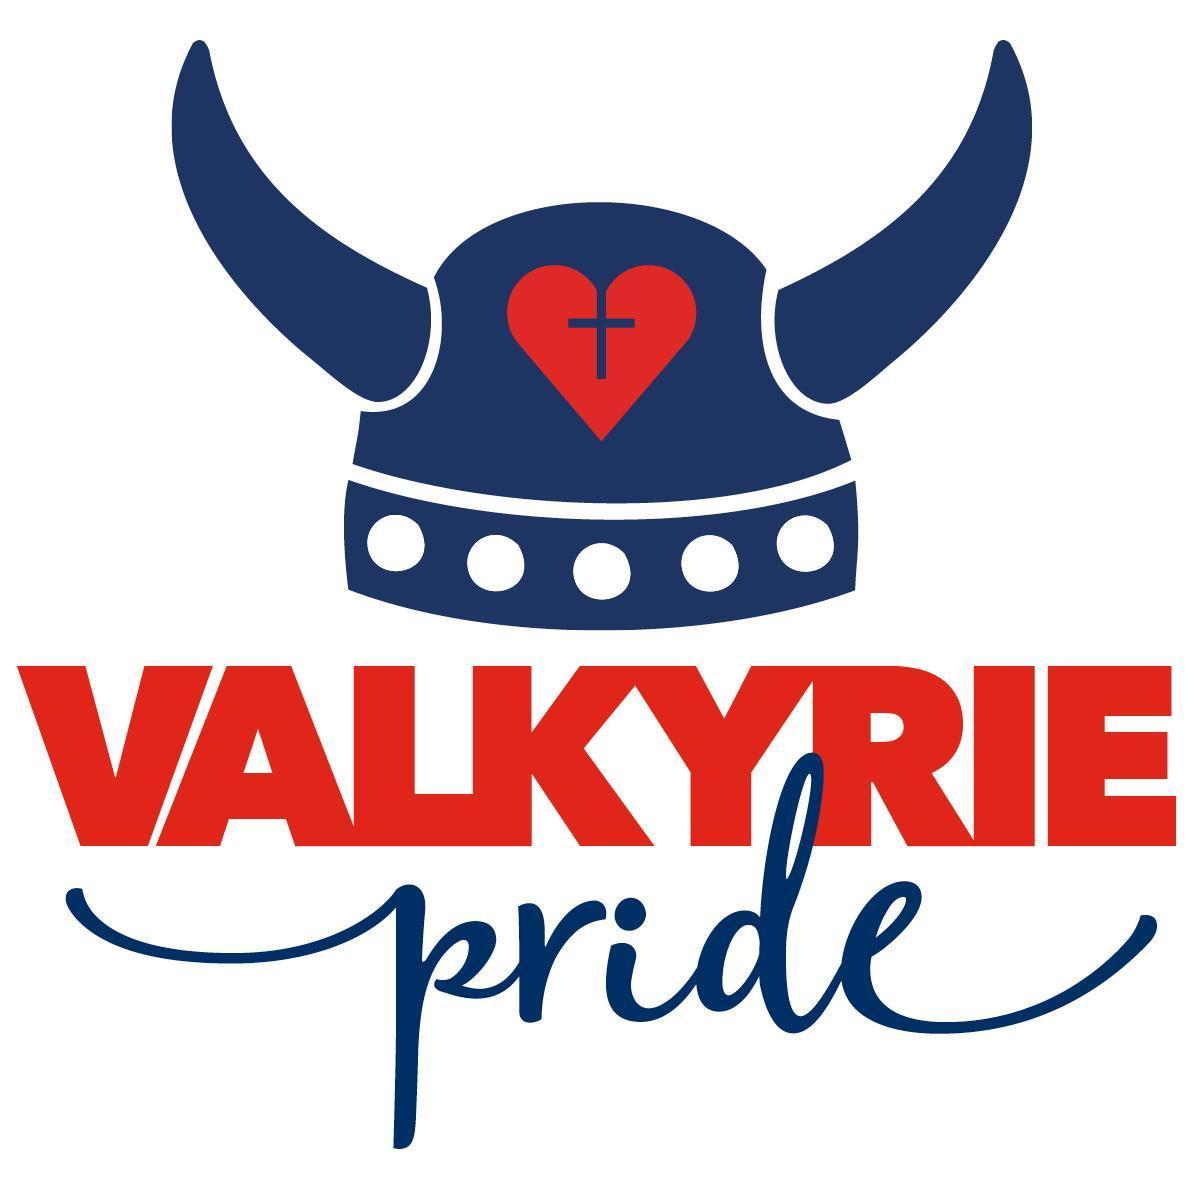 sacred-heart-academy-valkyrie-pride